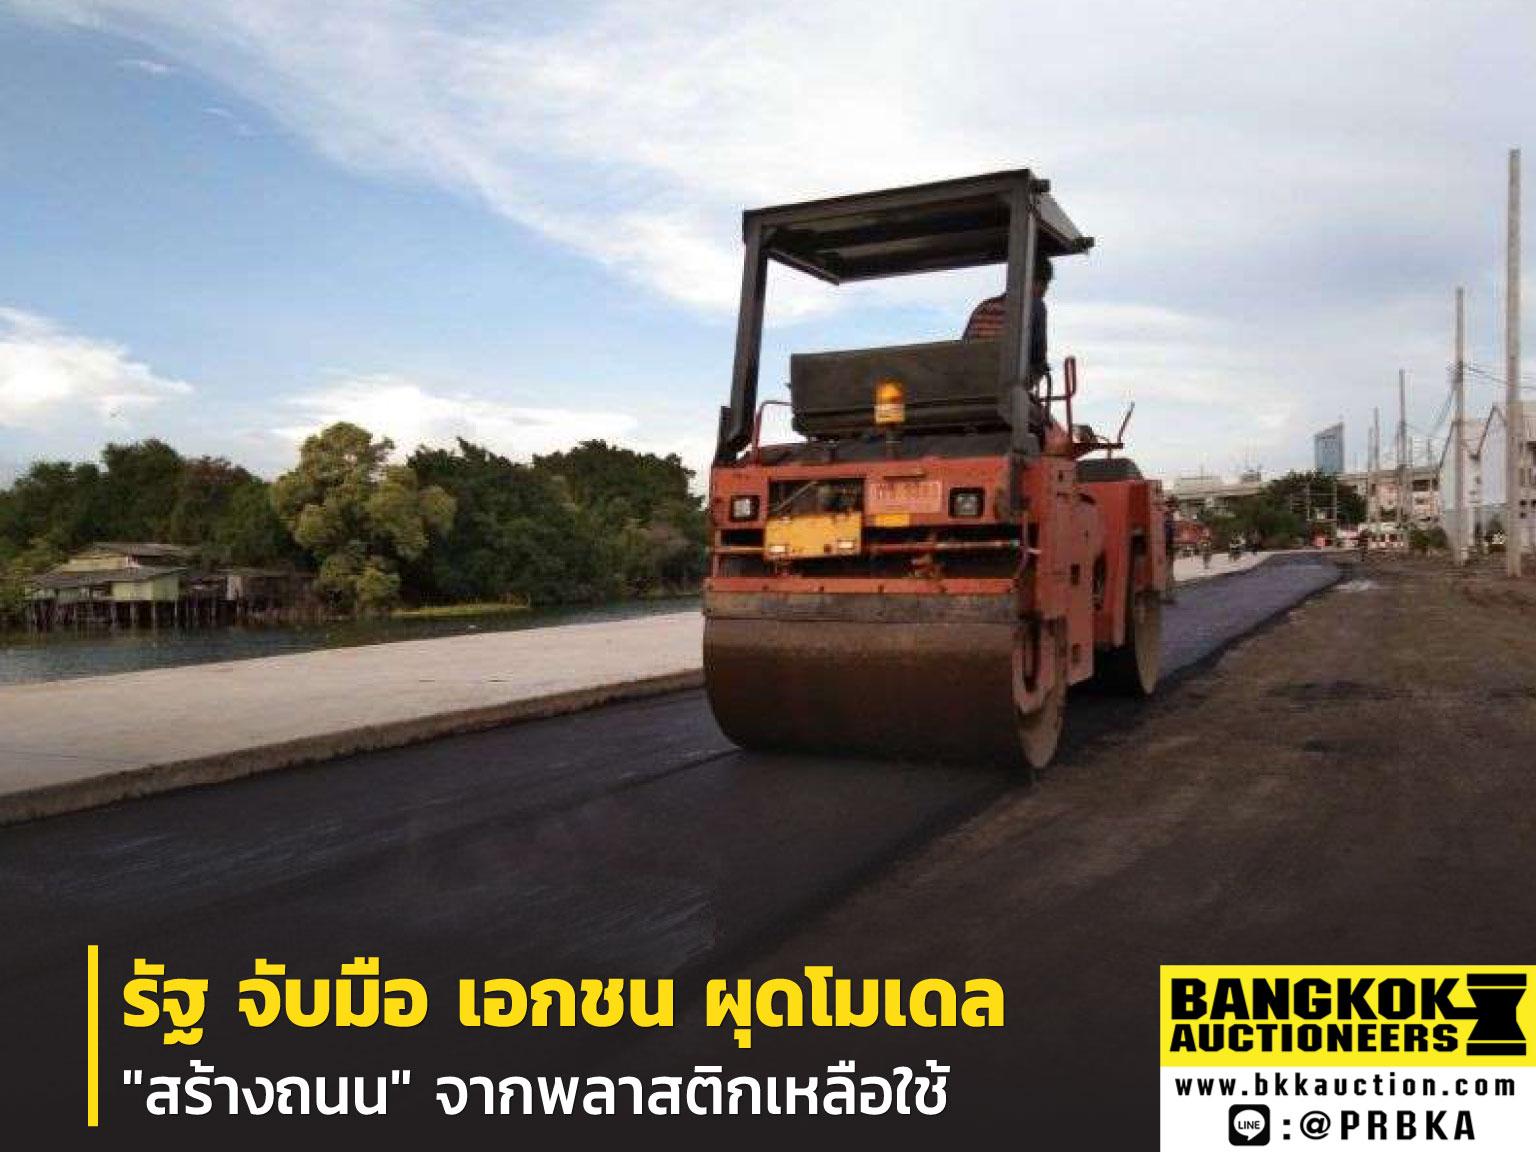 สร้างถนนจากพลาสติกเหลือใช้